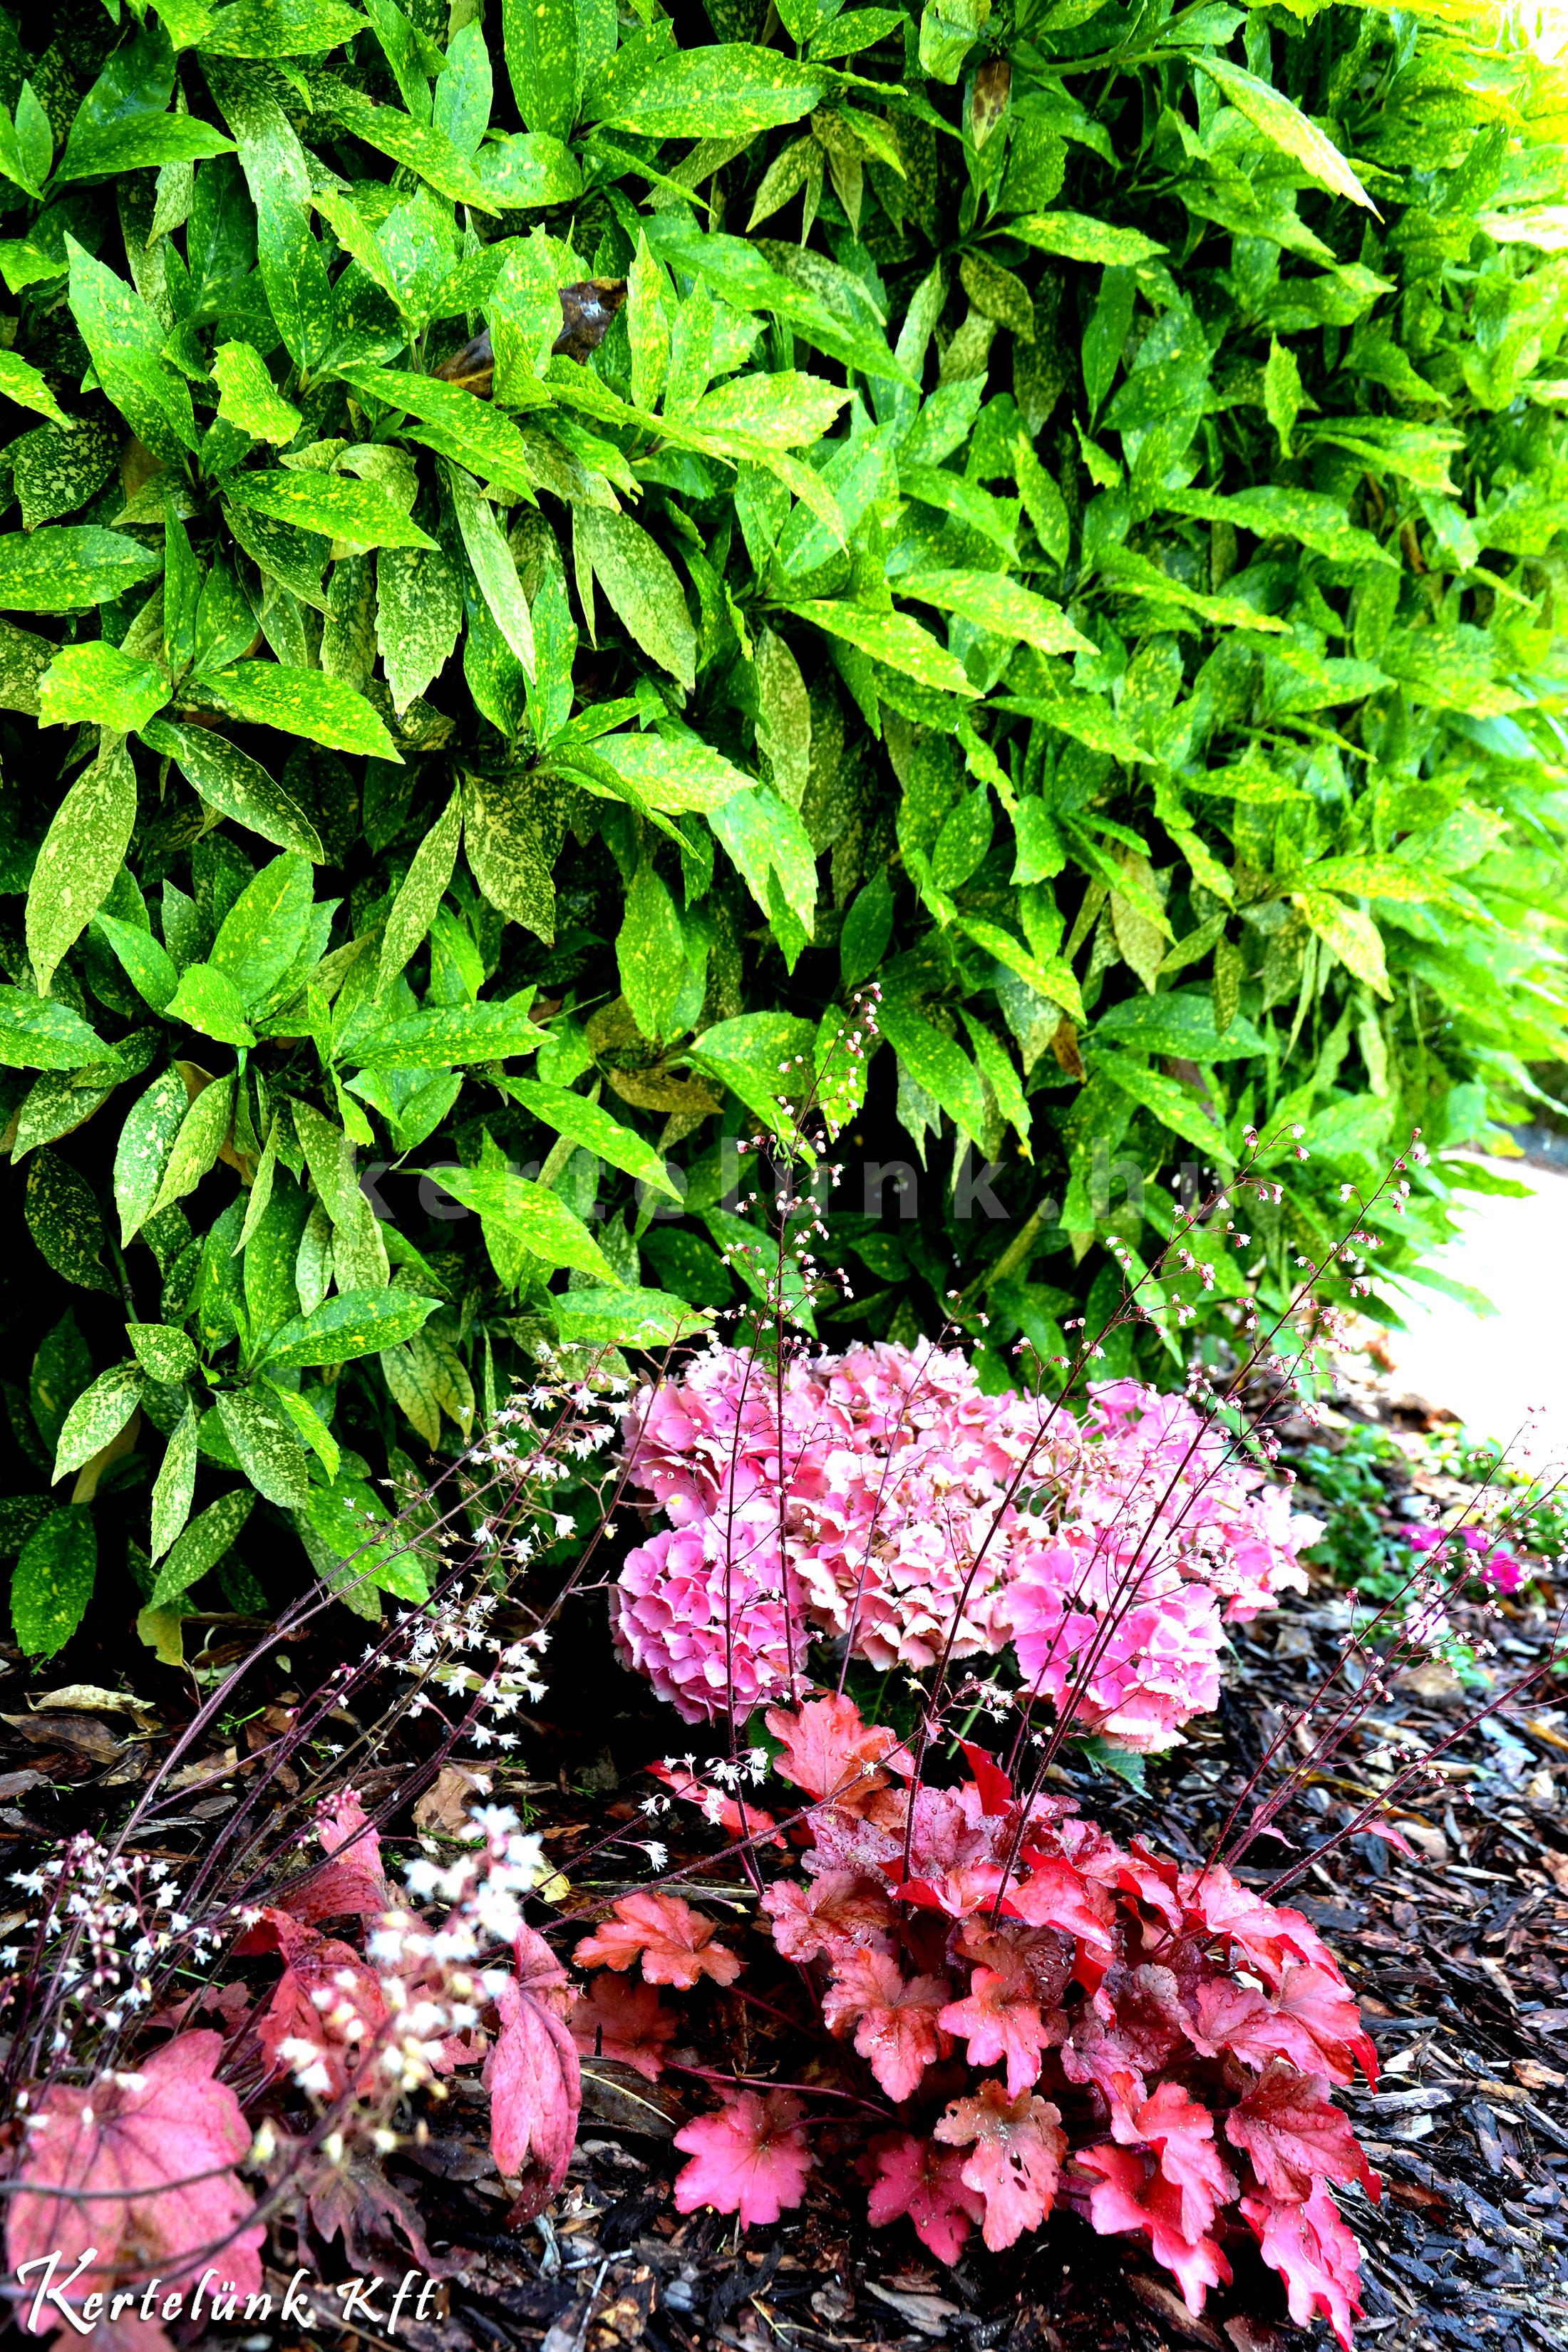 Mindig odafigyelünk arra, hogy szinte egész évben legyen virágzó növény.